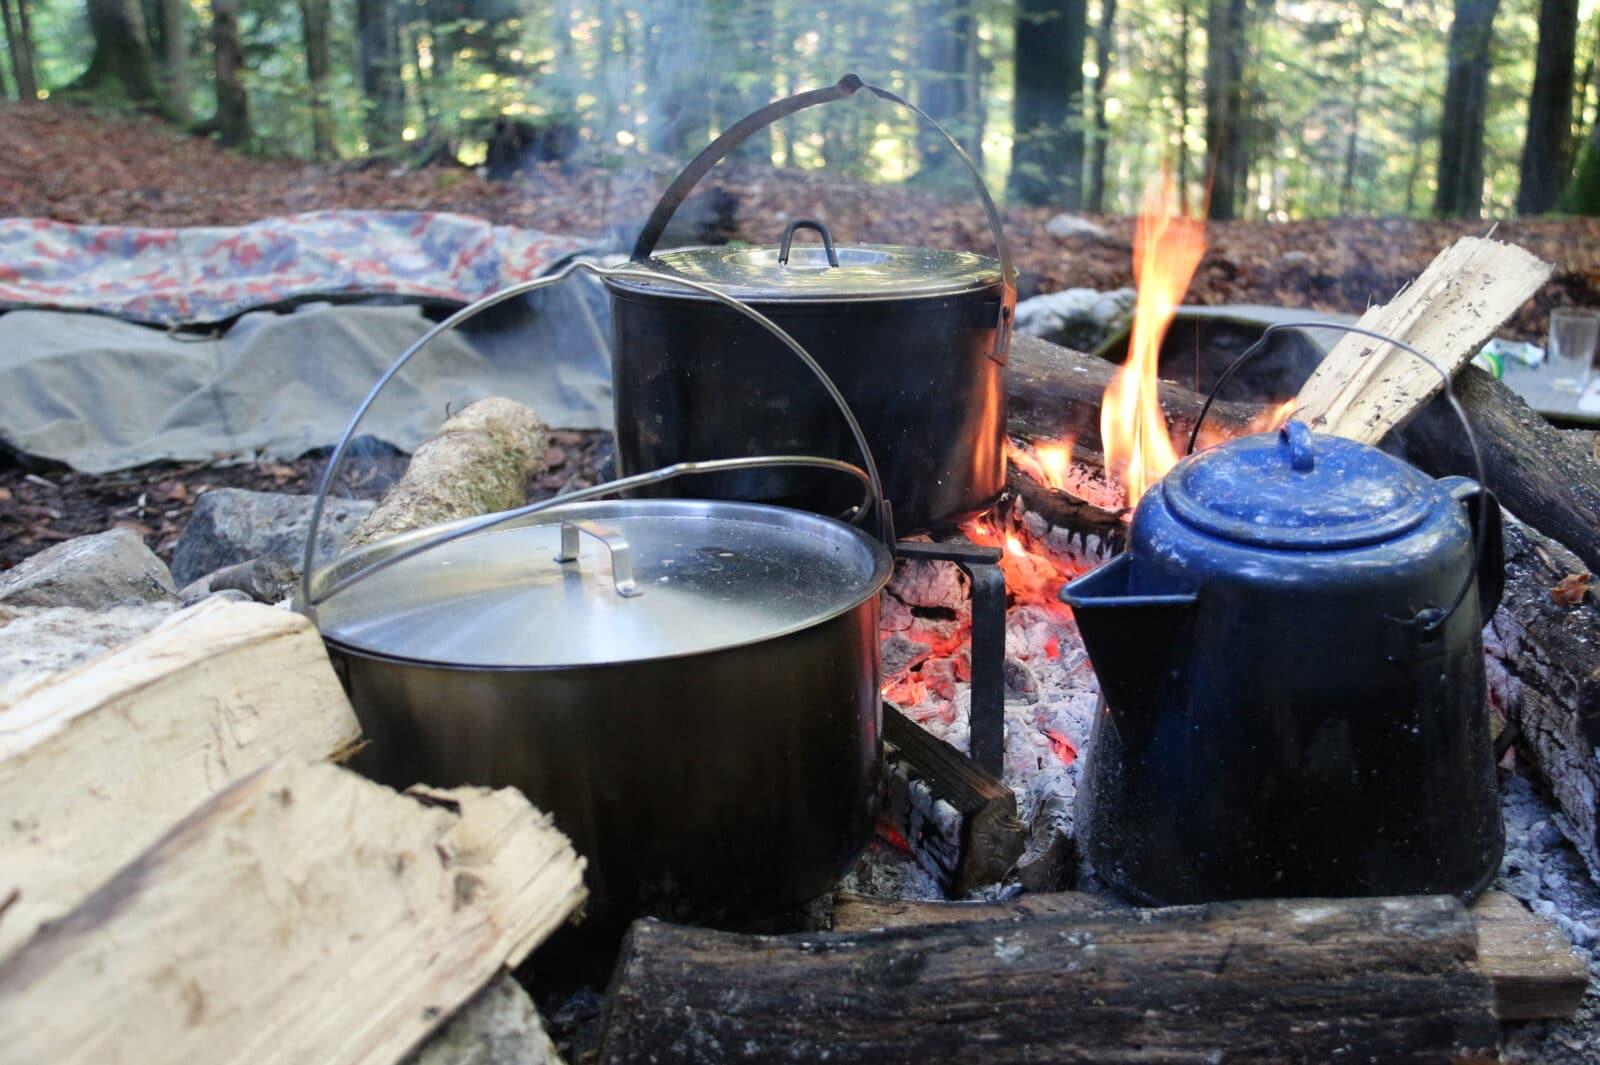 Auf dem Feuer kochen, in der Natur leben. Grosse Vielfalt an Kursen in und um das Thema Nautr